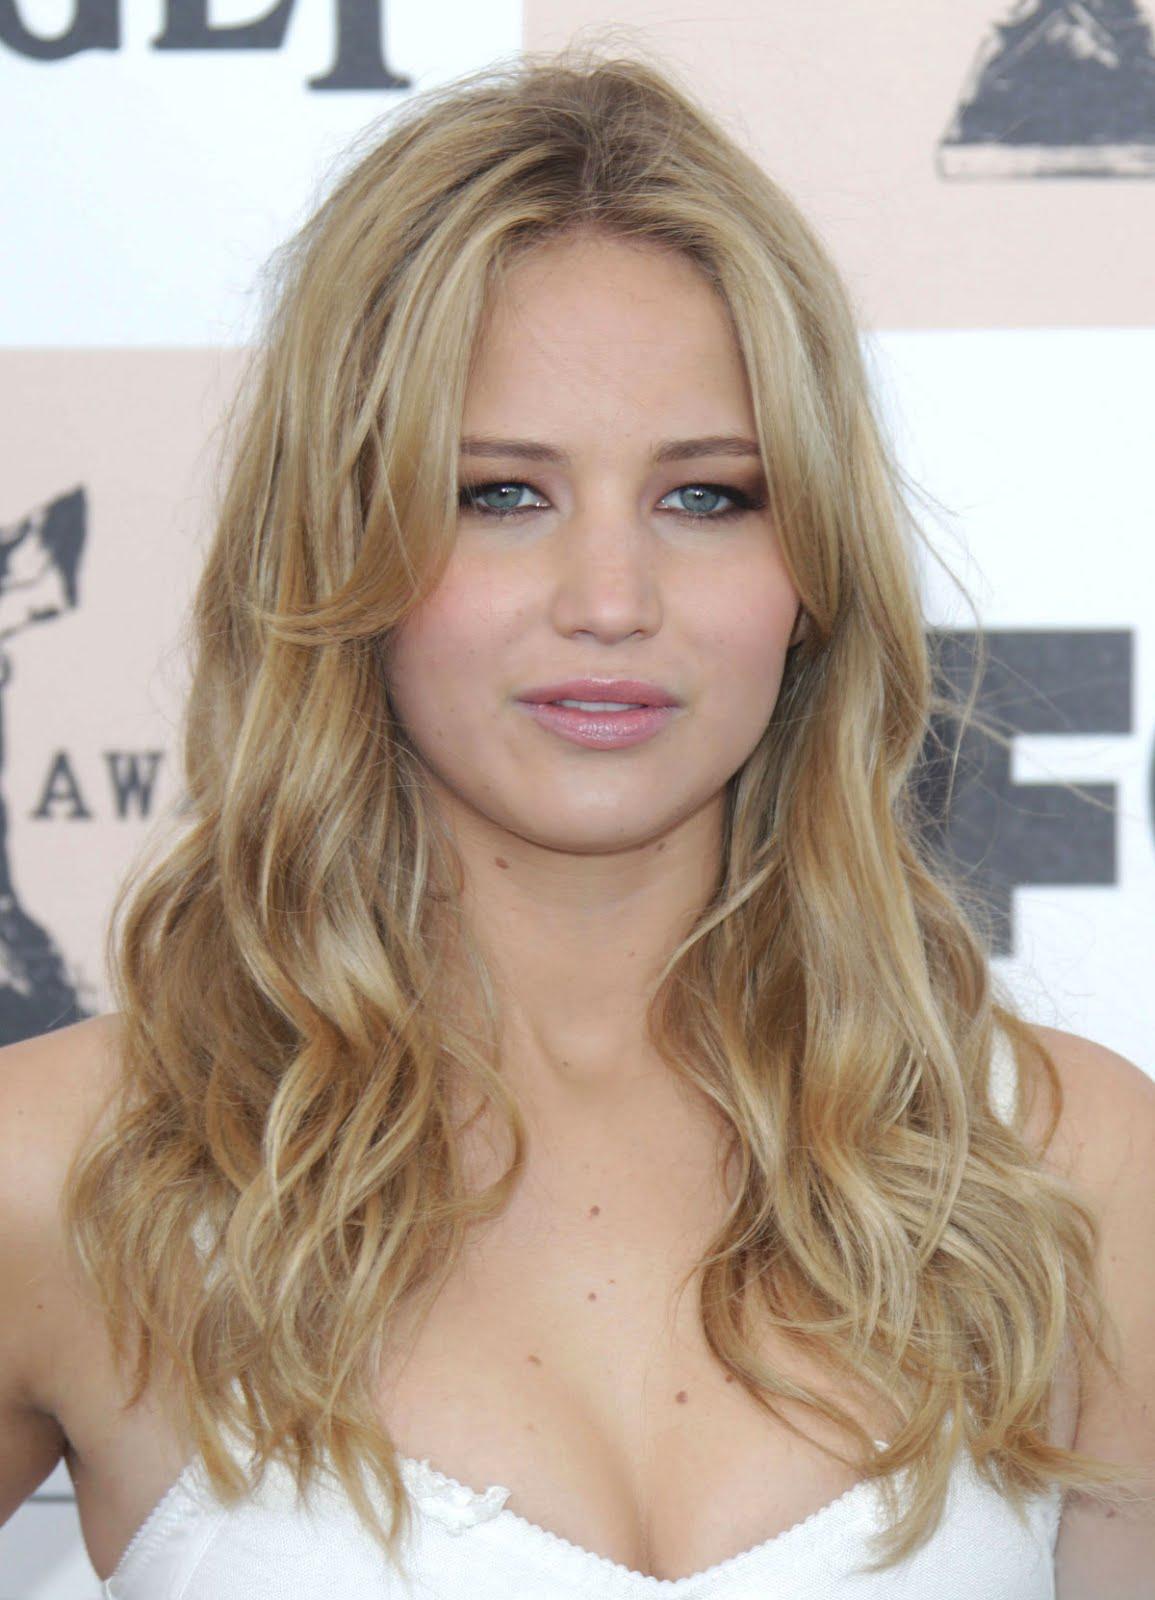 http://3.bp.blogspot.com/-ZupA-ODFtvo/T2J9GBOyzeI/AAAAAAAAAl4/LNIqAq47uXg/s1600/Jennifer%2BLawrence%2B2.jpg